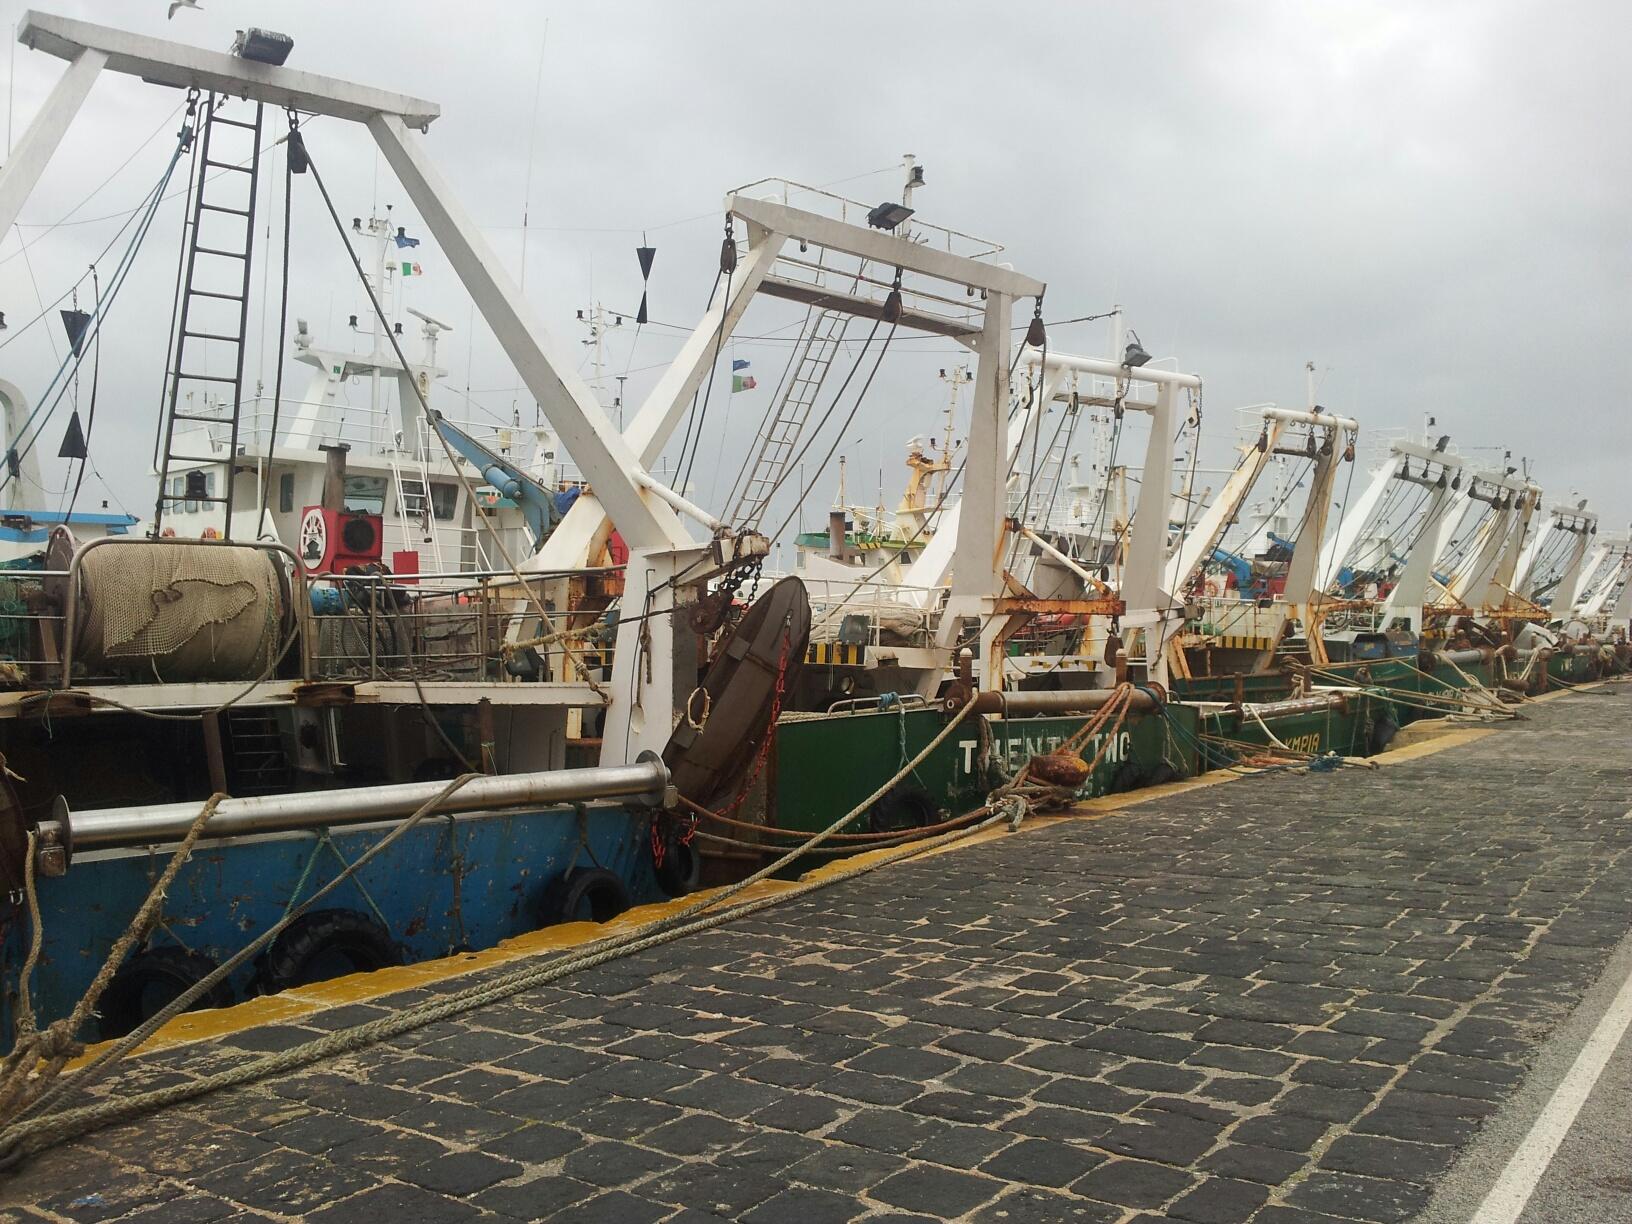 L'OP della Pesca di Trapani interviene sul fermo pesca in Sicilia: